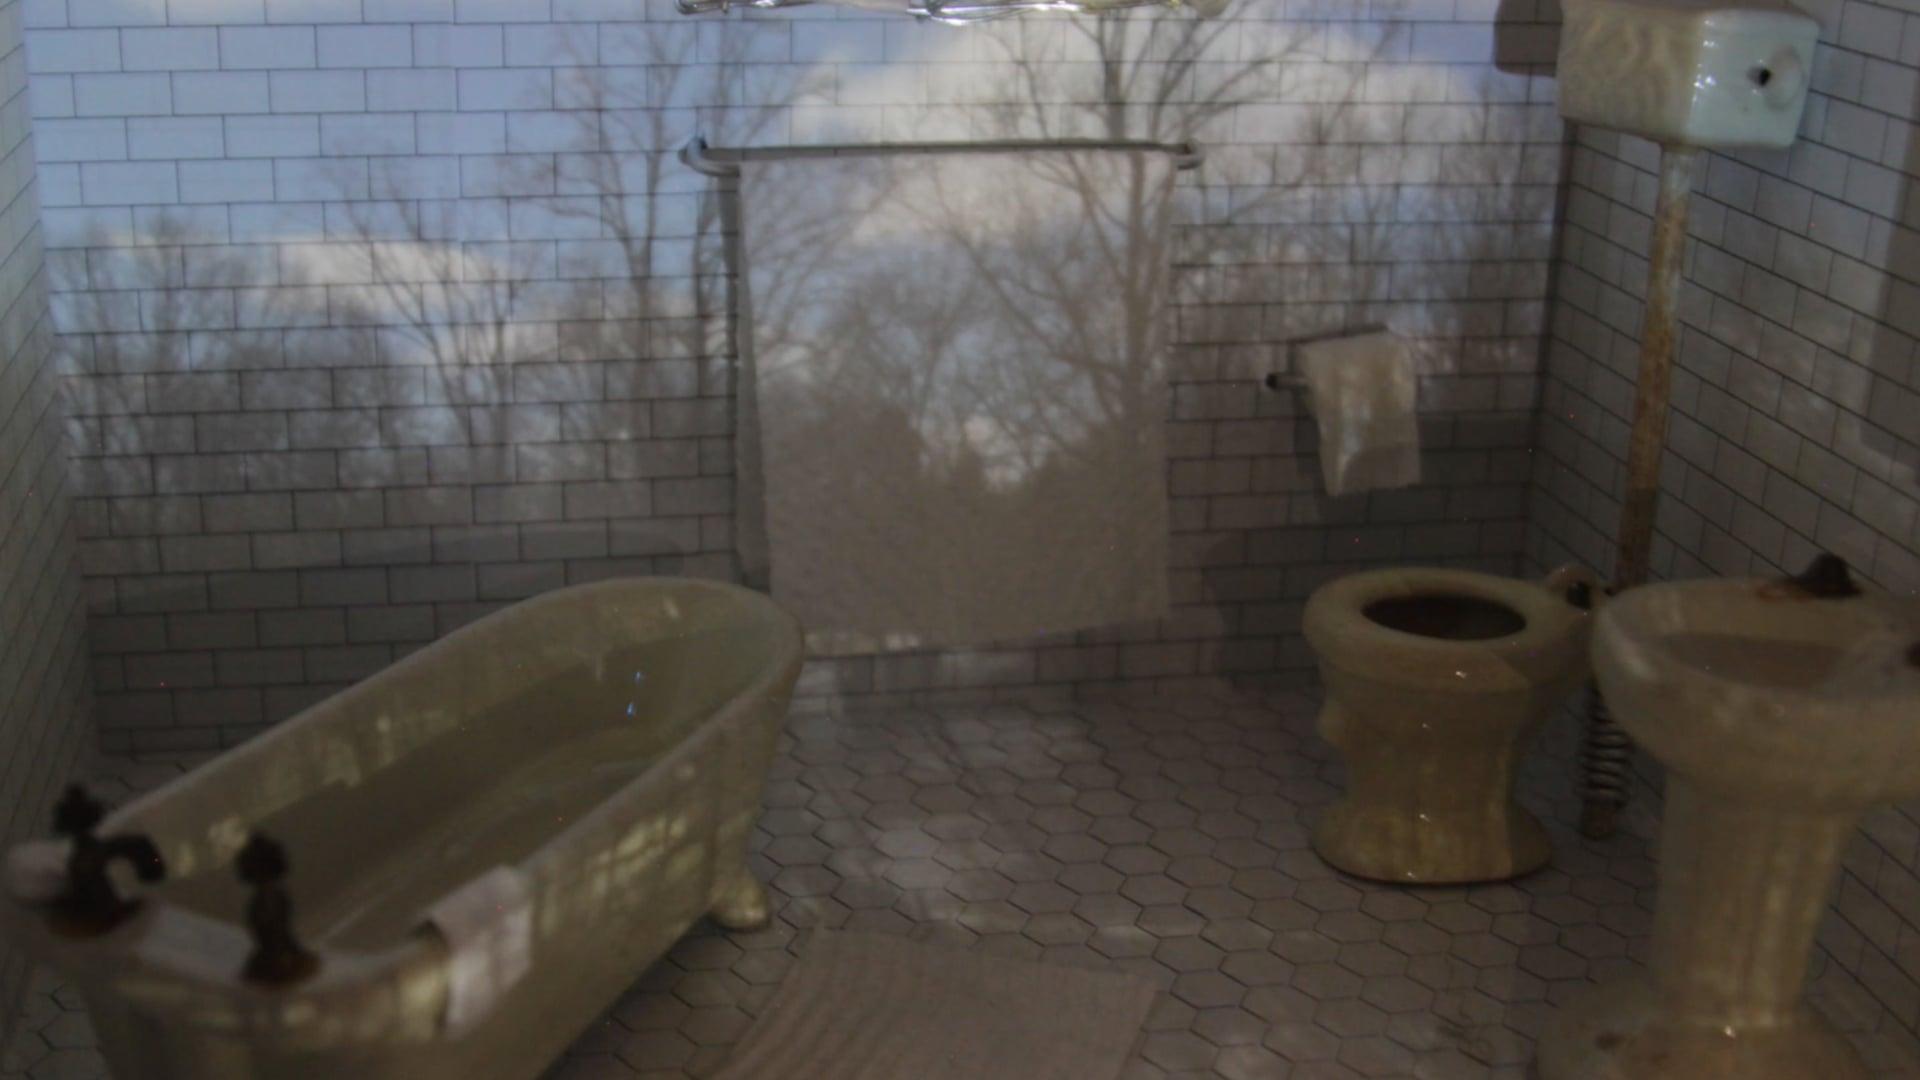 Toilet Daydreams